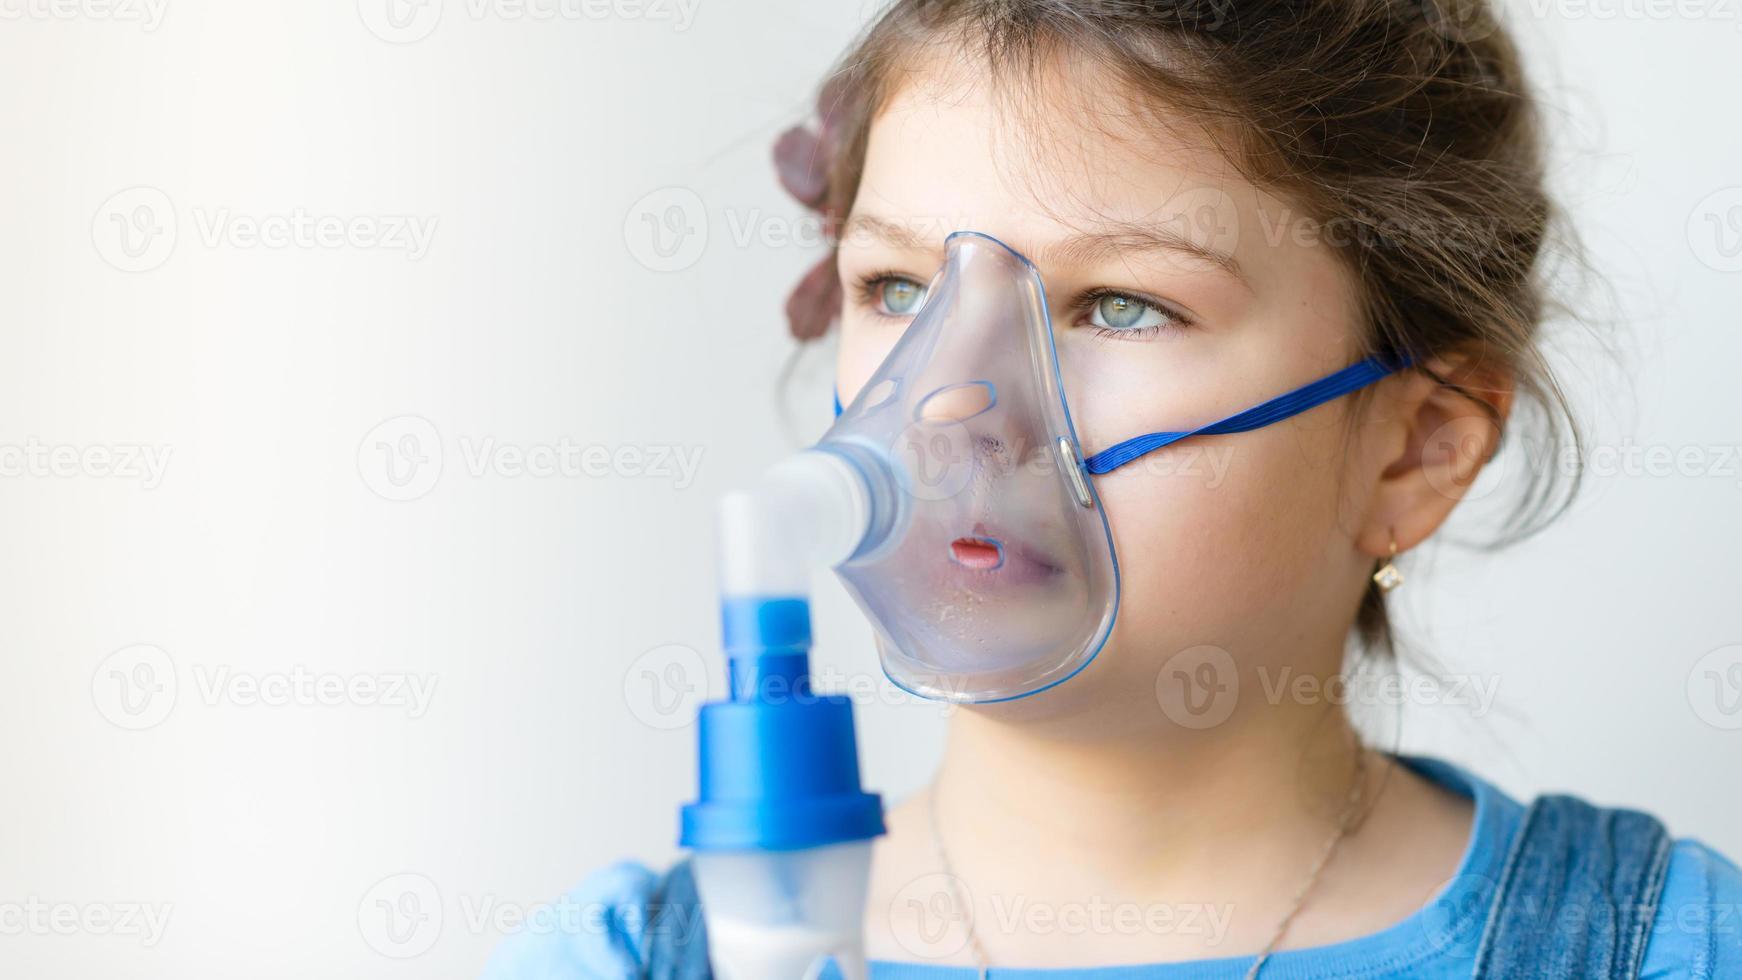 niña con inhalador para el asma foto